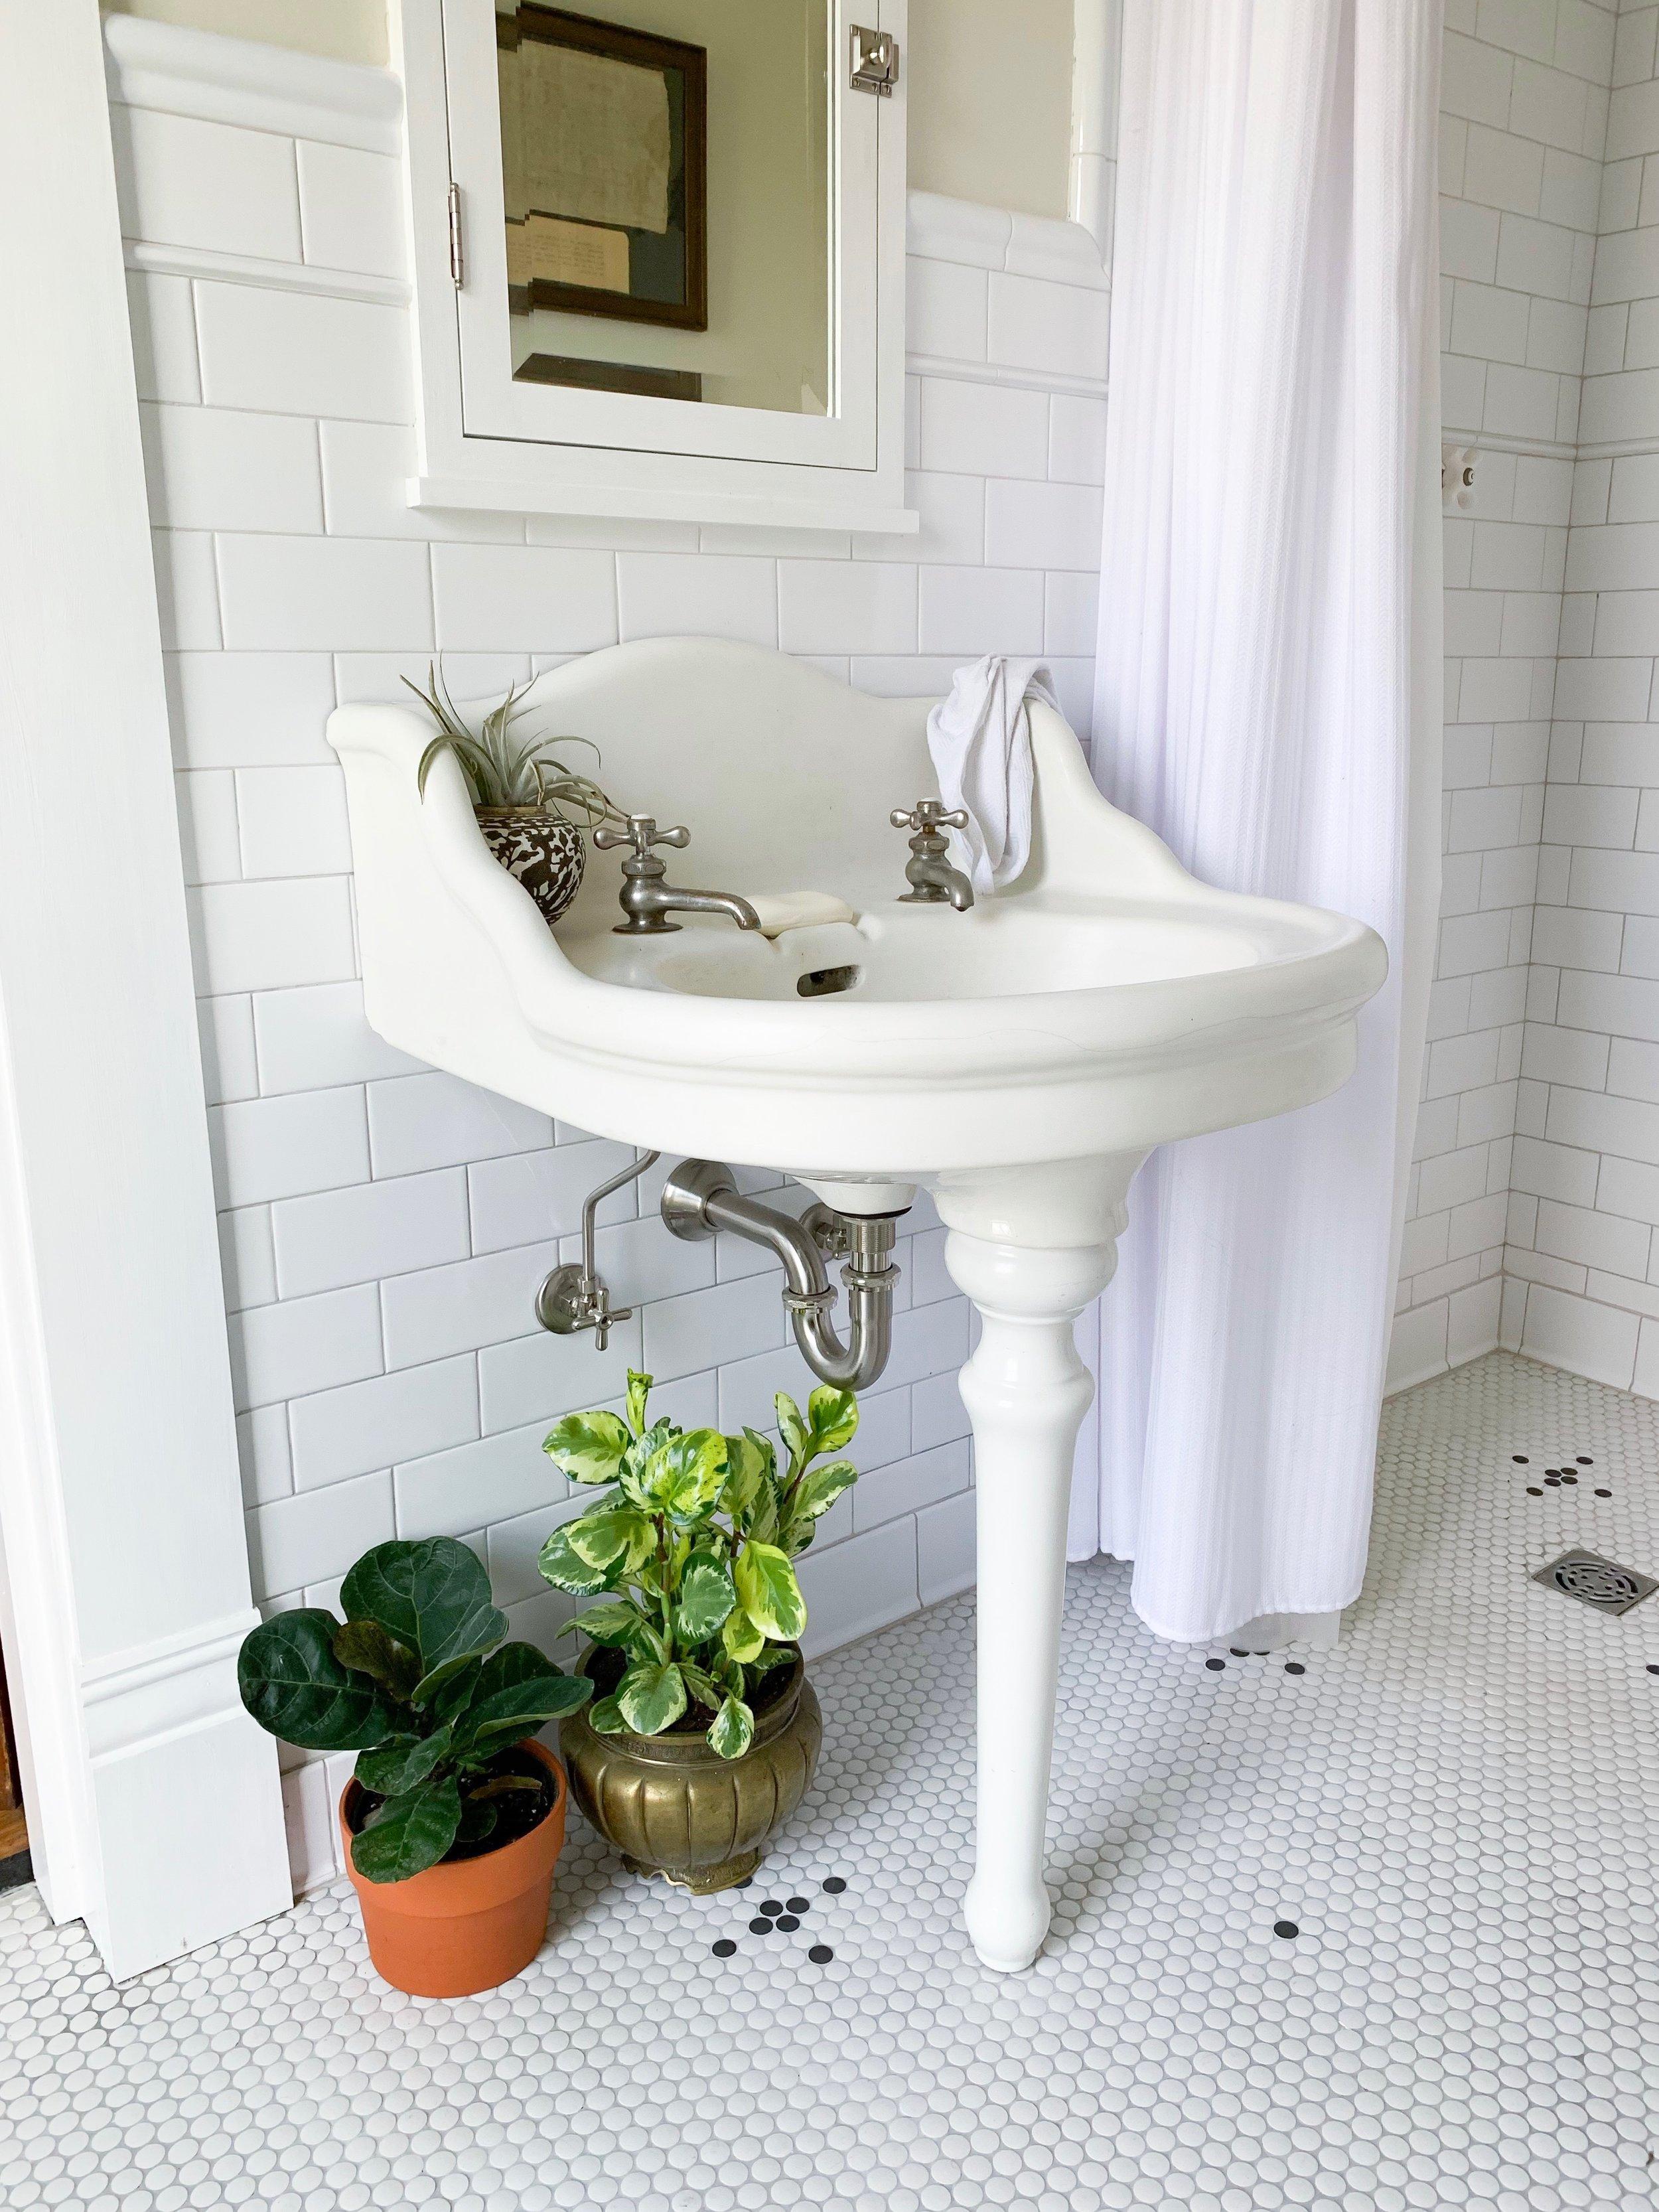 Alternate Sink  |  P Trap  |  Water Shut Offs  |  Hand Towels